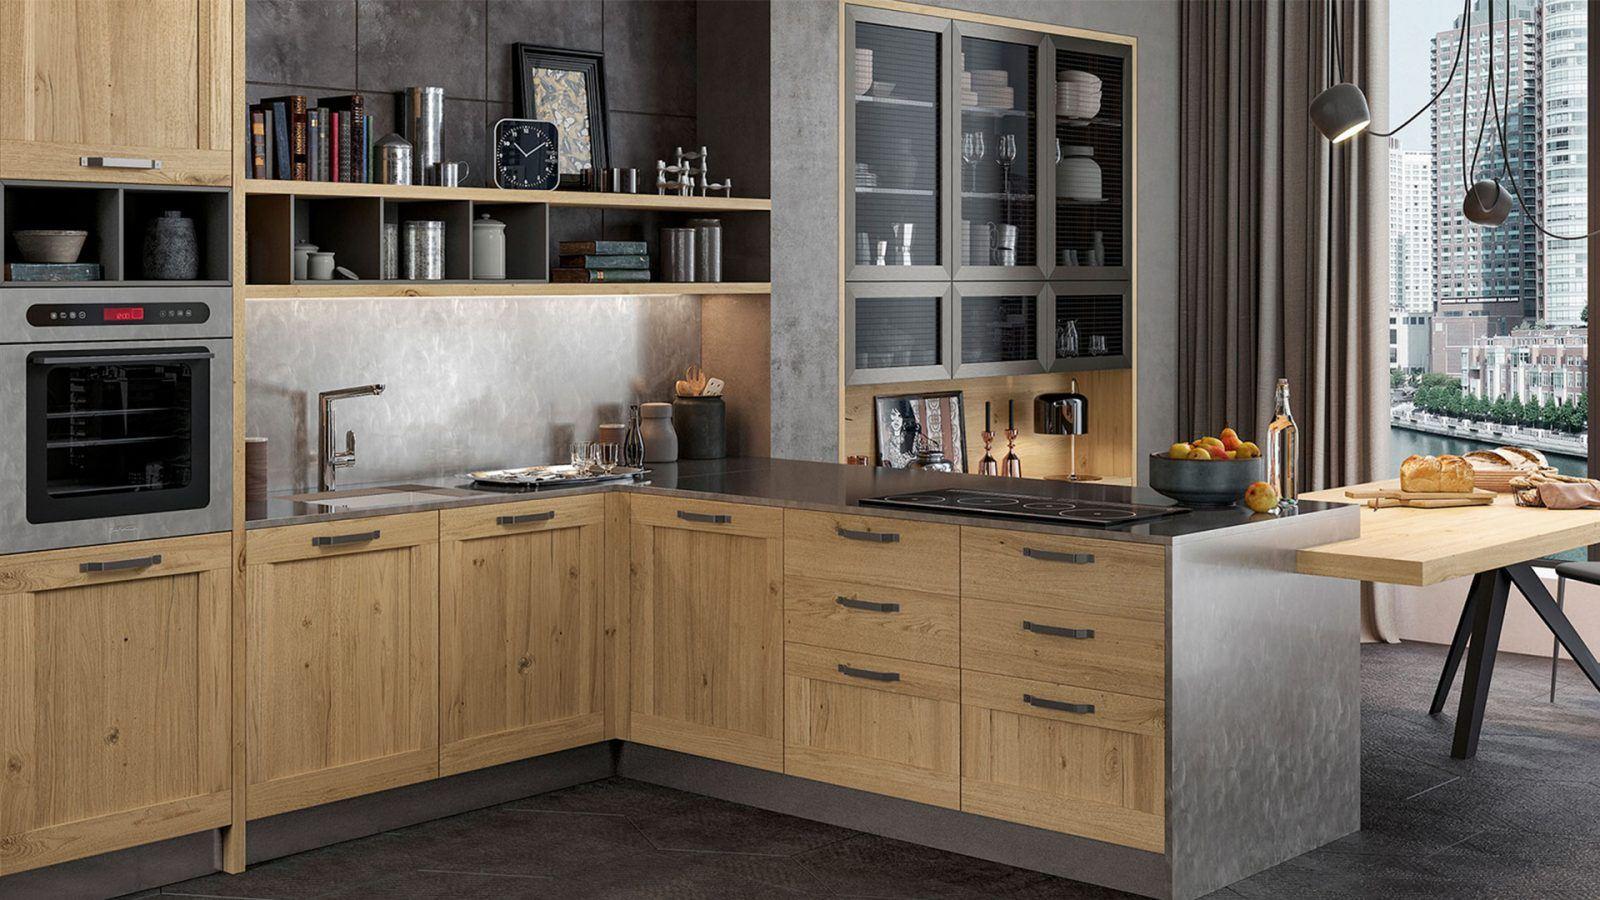 Cucine in legno su misura arredamenti meneghello for Migliori cucine 2016